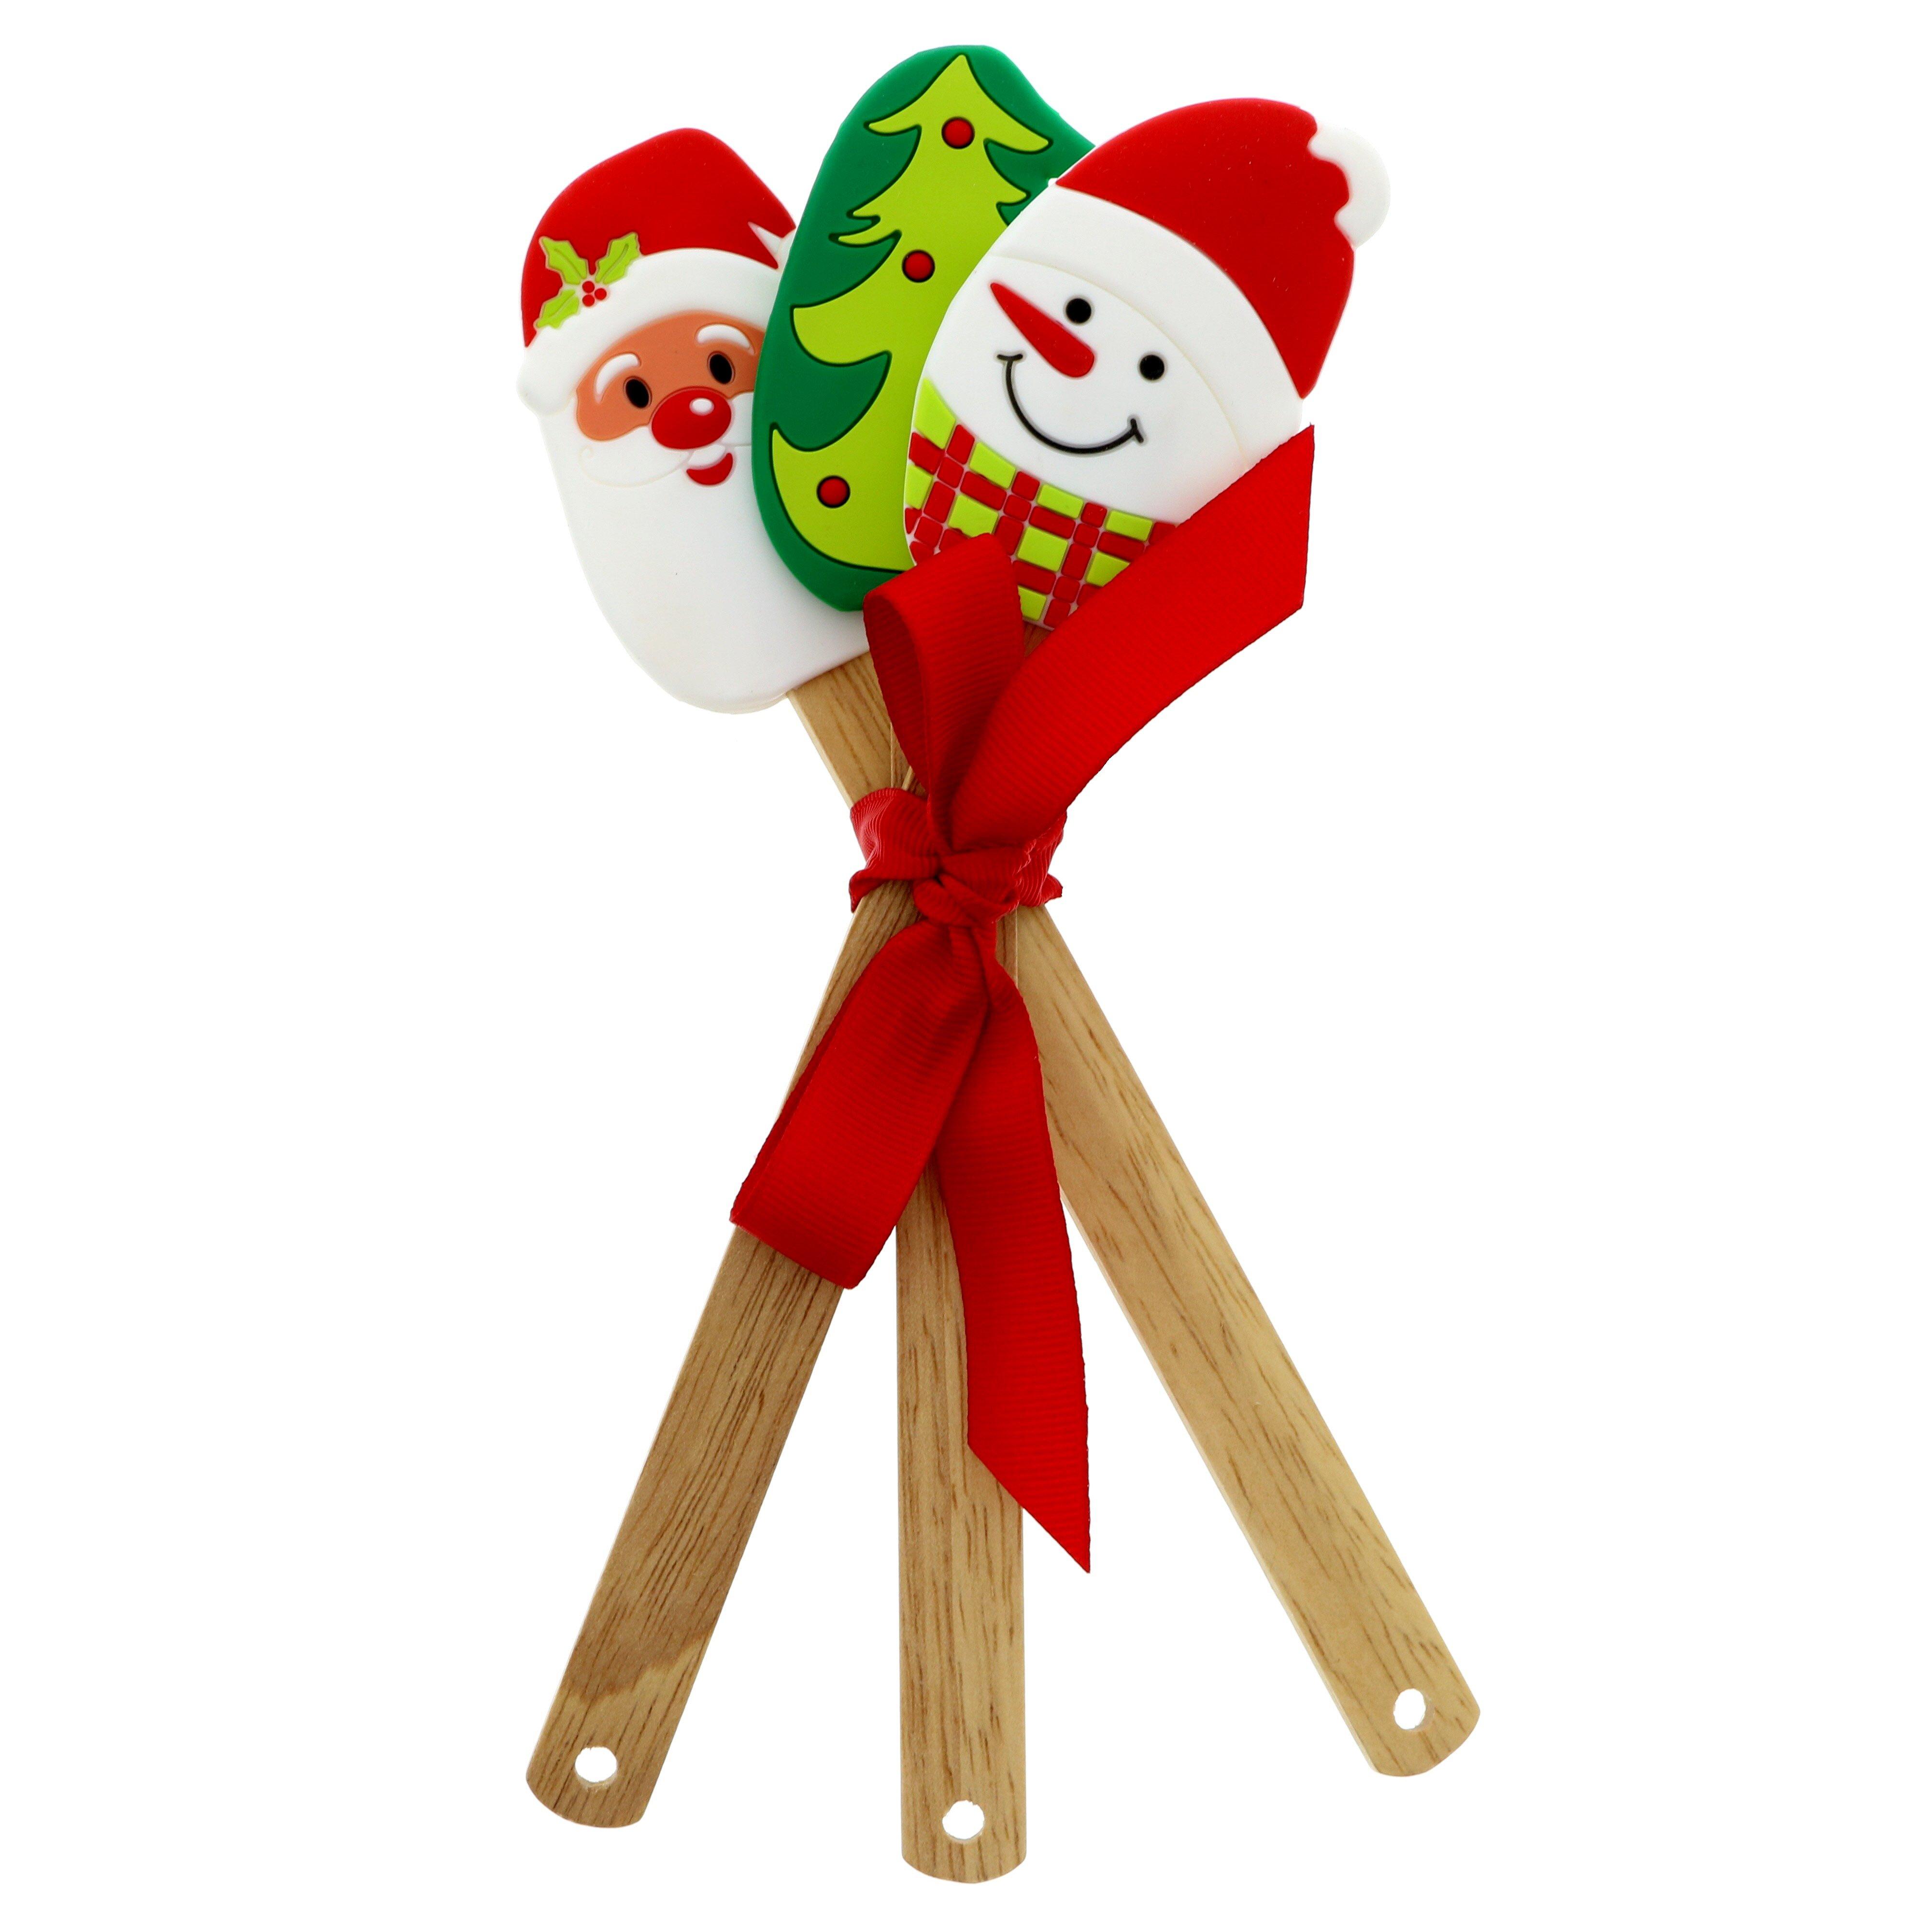 Cocinaware Christmas Spatula Set - Shop Baking and Decorating Tools ...